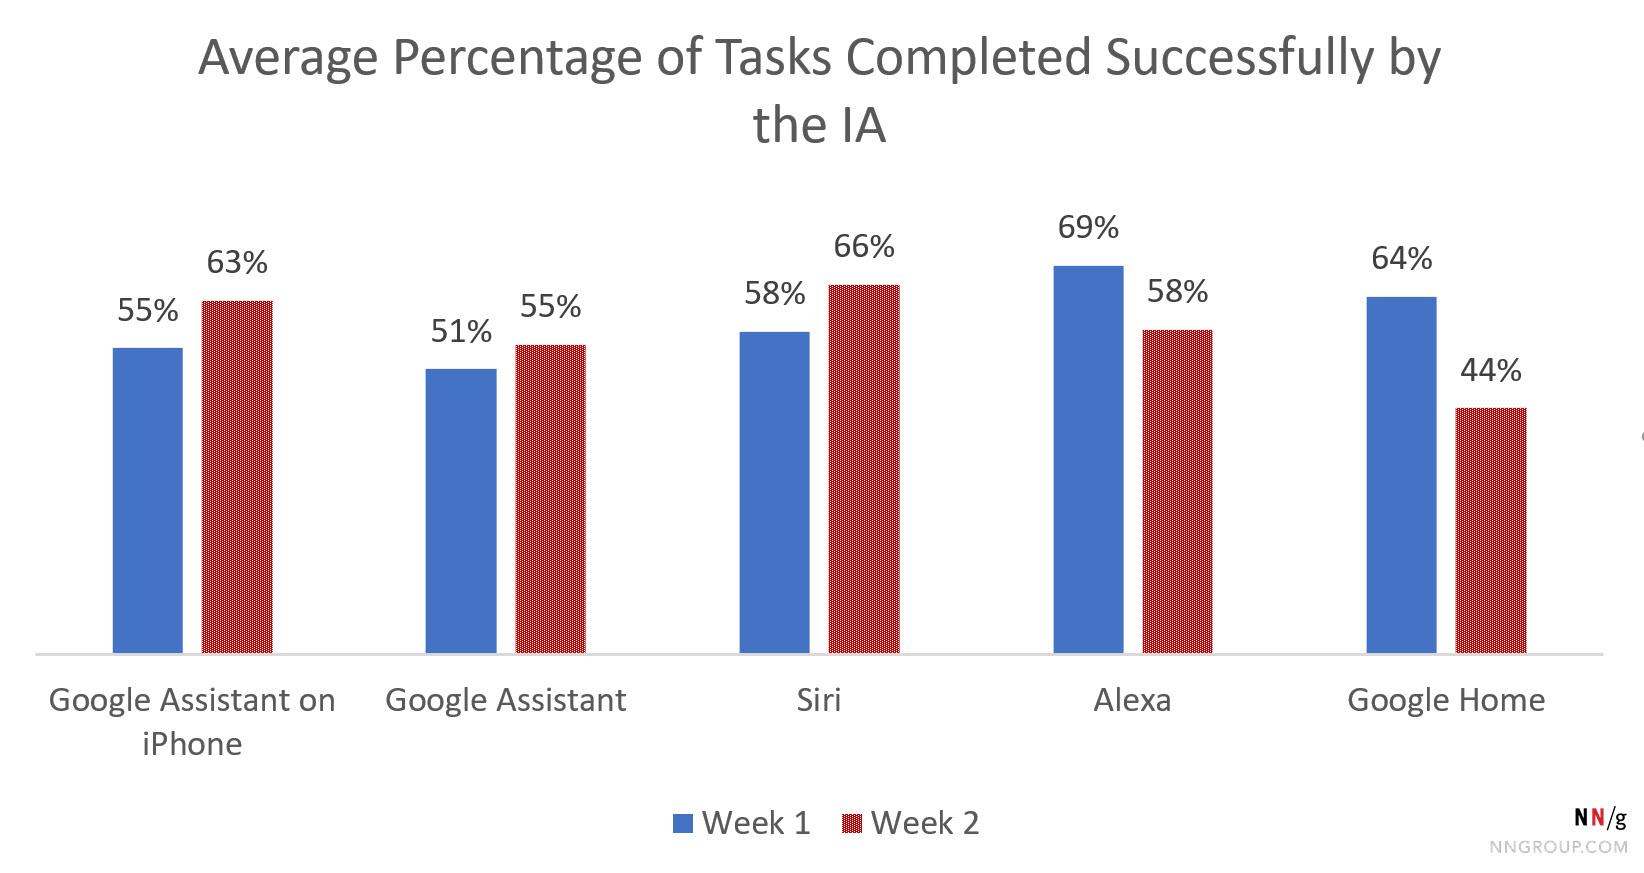 谷歌首页为64%(第一周)和44%(第二周)。对于所有其他人,差异小于10%。第2周电话助理略大,发言人助理略低。